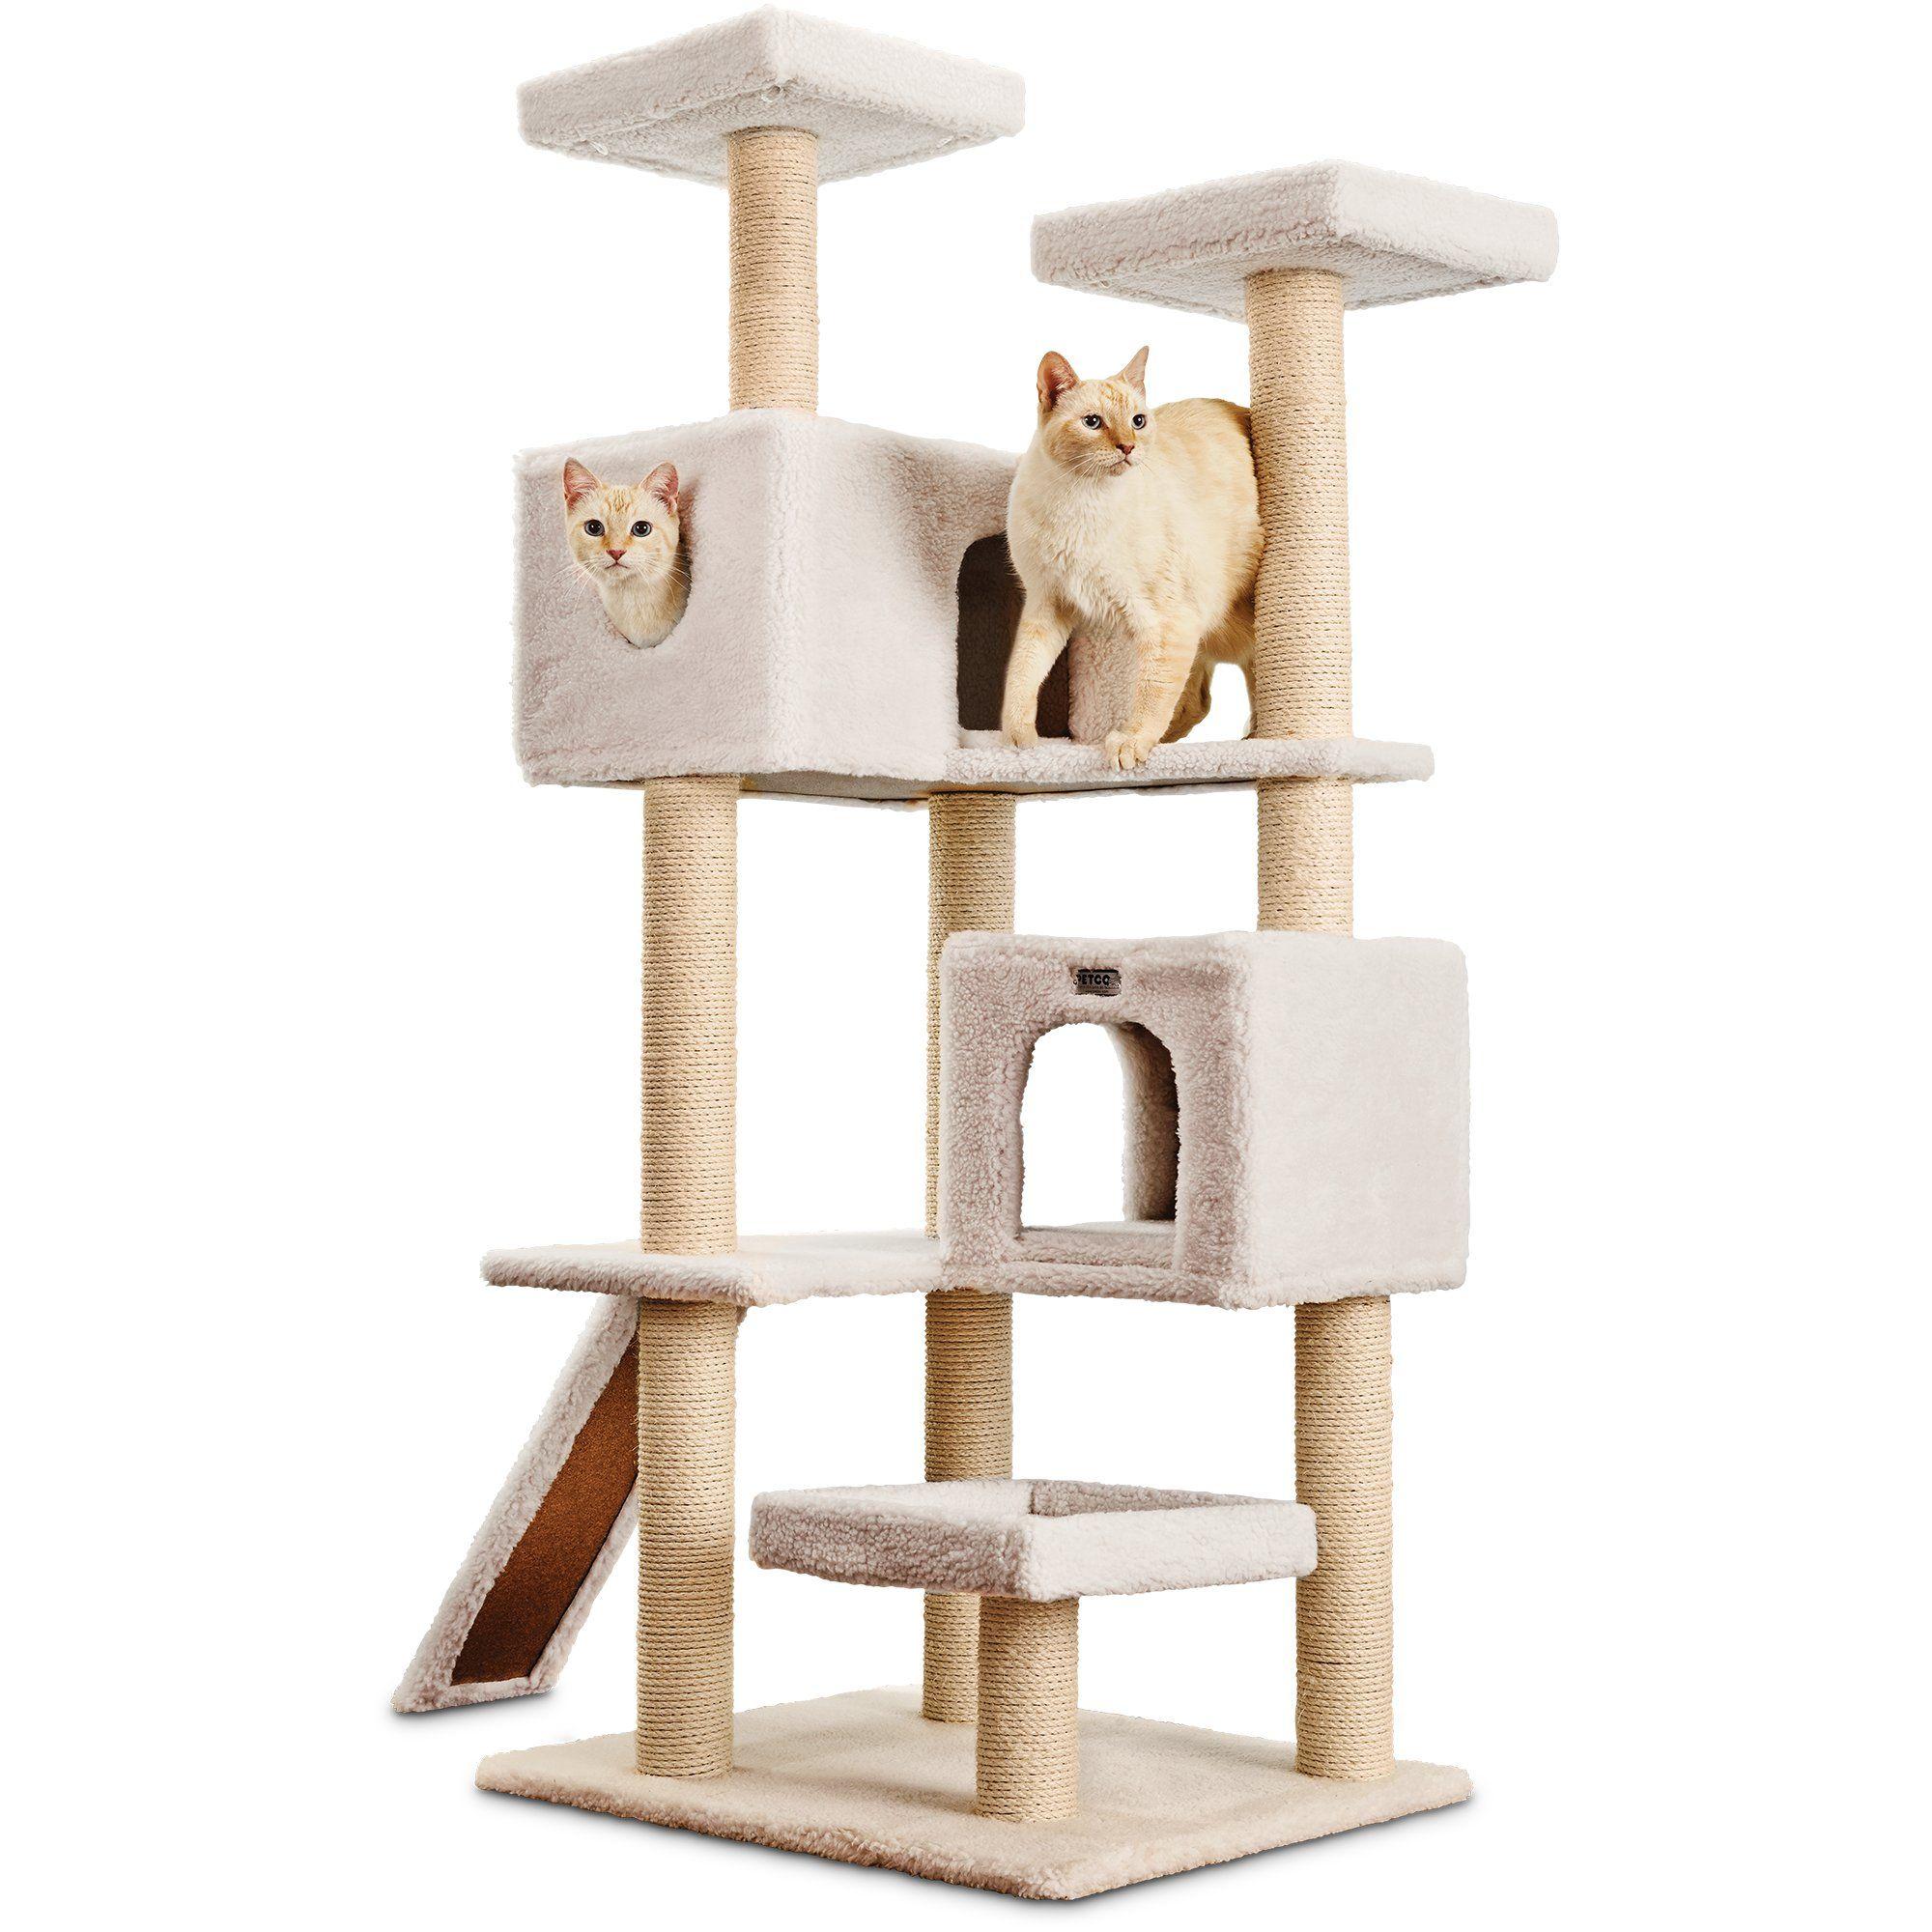 You & Me Skyscraper Scratcher 89 Cat furniture